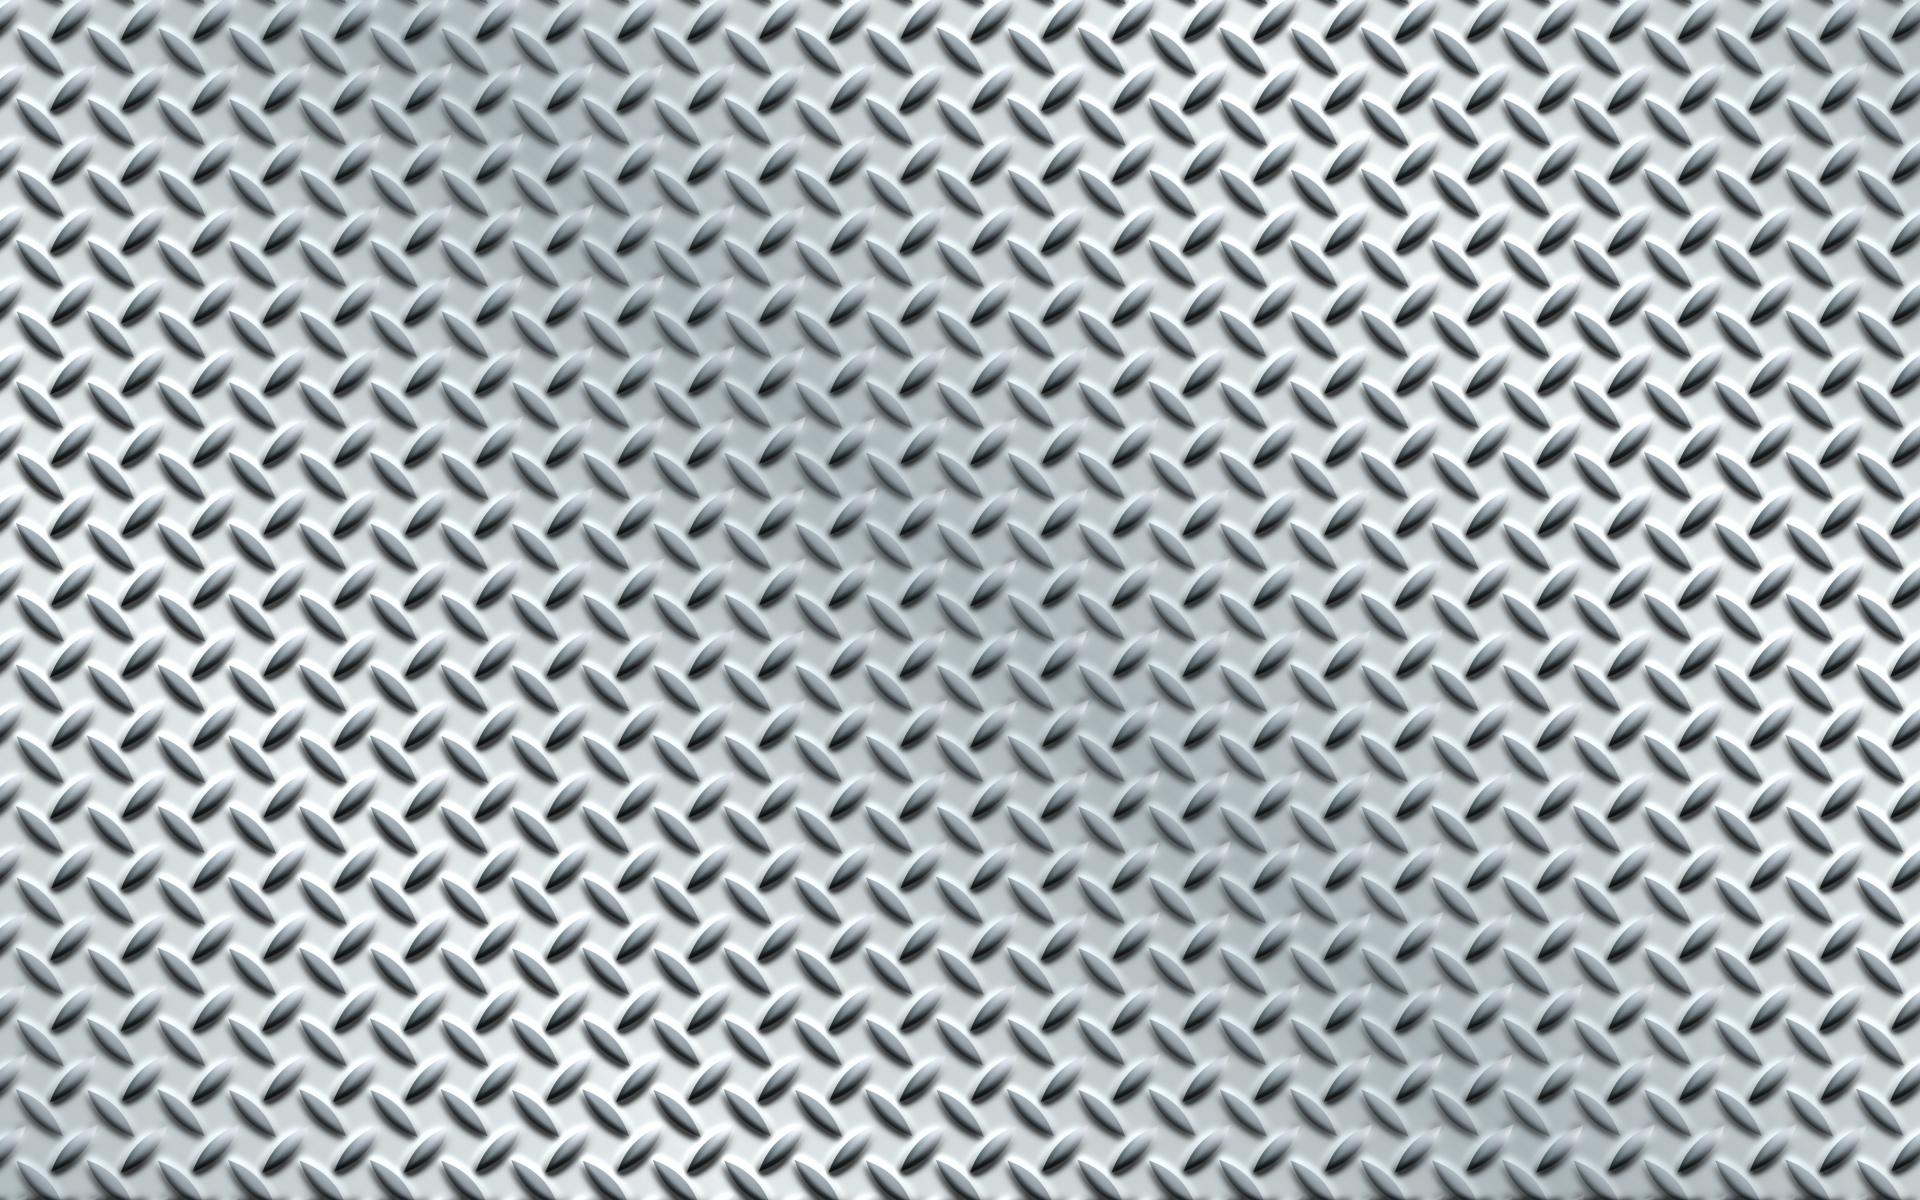 Textura de plancha metal - 1920x1200